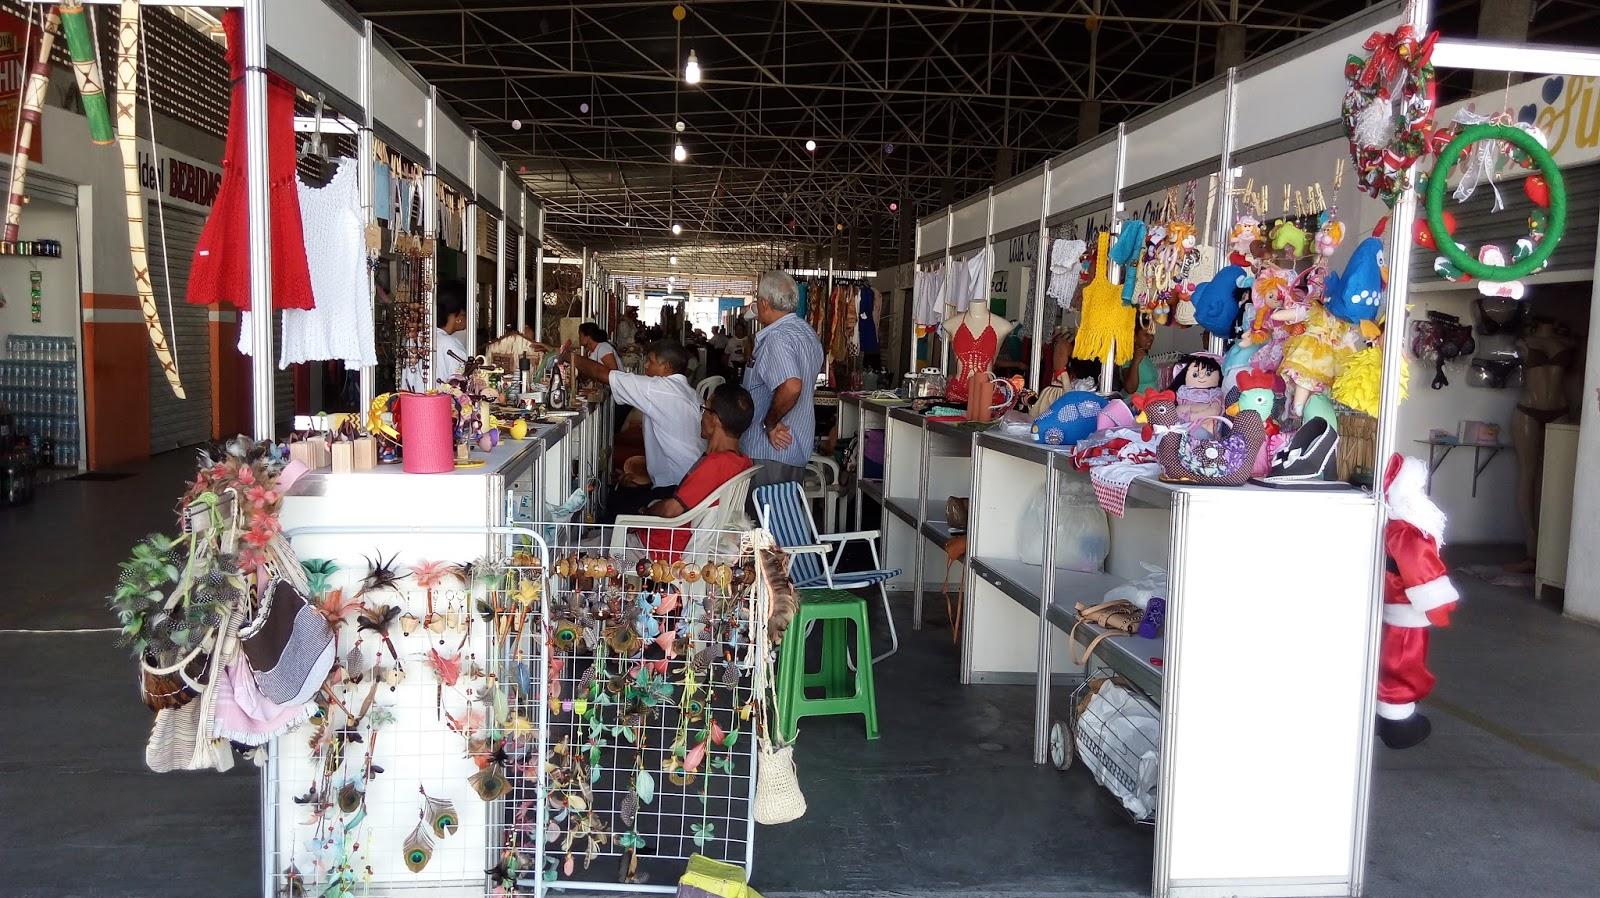 145cbe4f0090c Feira de artesãos é realizada em Delmiro Gouveia - Adalberto Gomes ...